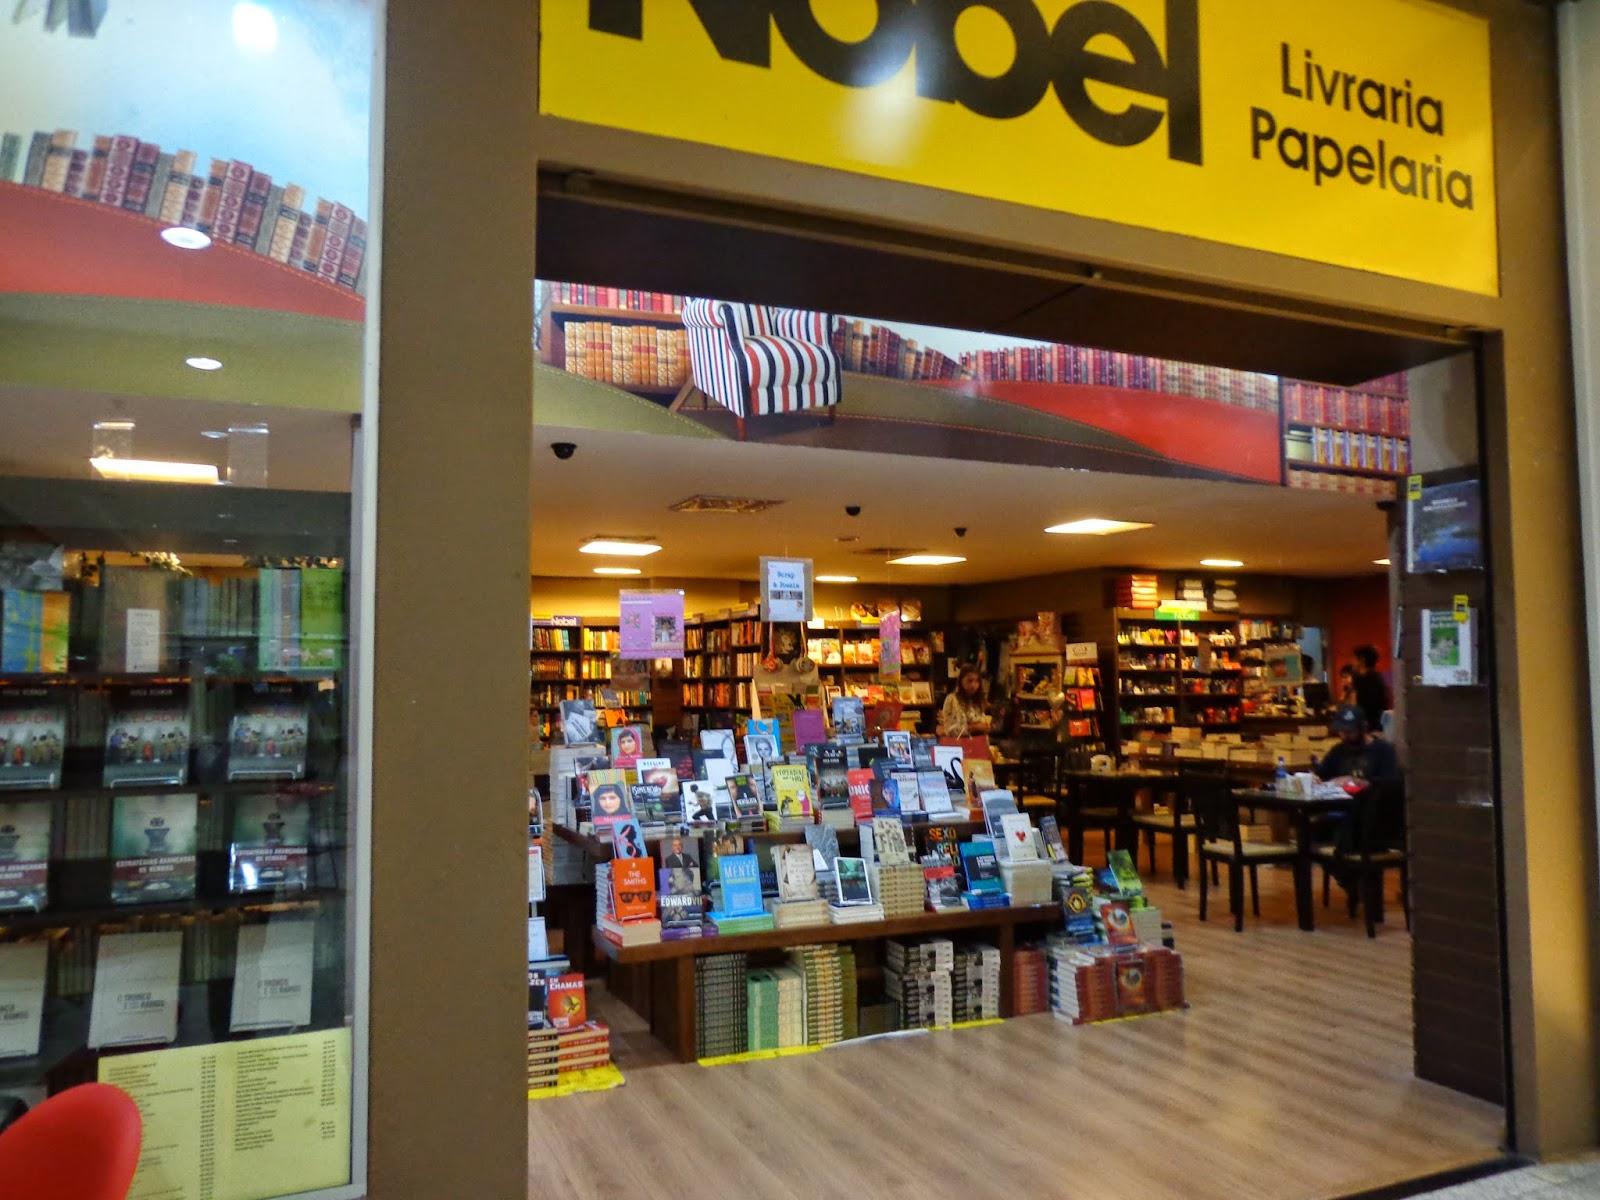 bd70140fd 16 lugares em Goiânia que todo amante de livros precisa conhecer ...